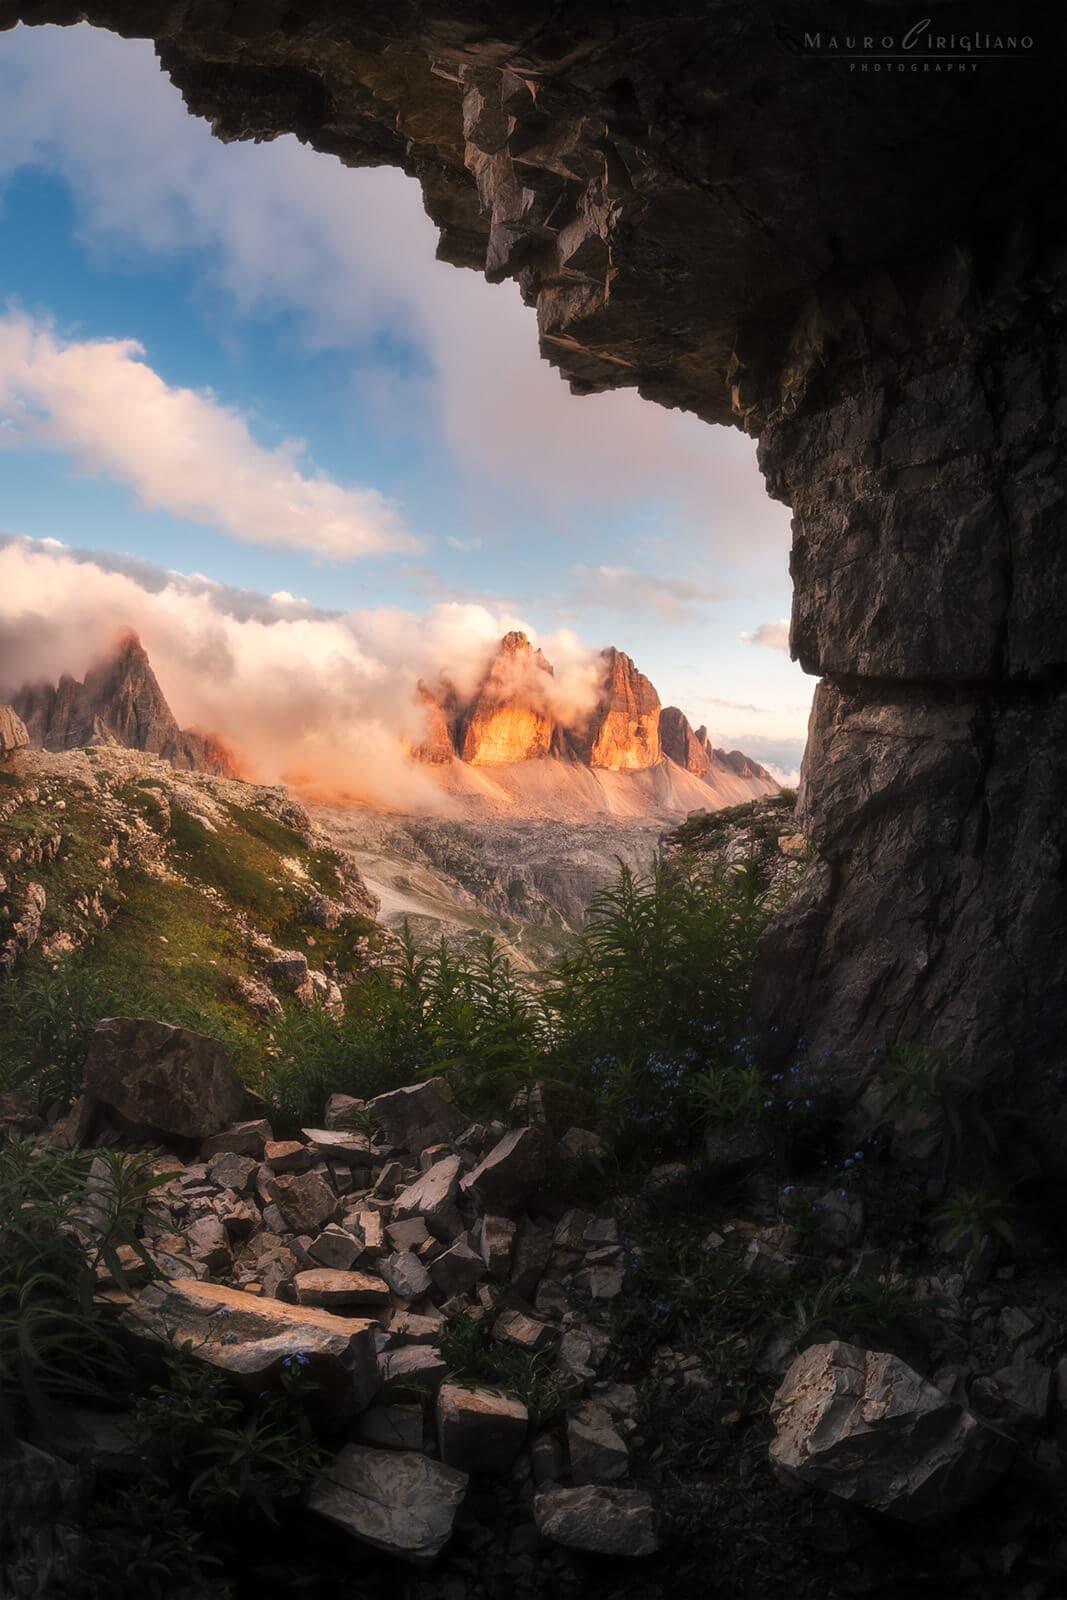 montagna illuminata dal sole riflessa in acqua del lago dones al passo falzarego in dolomiti